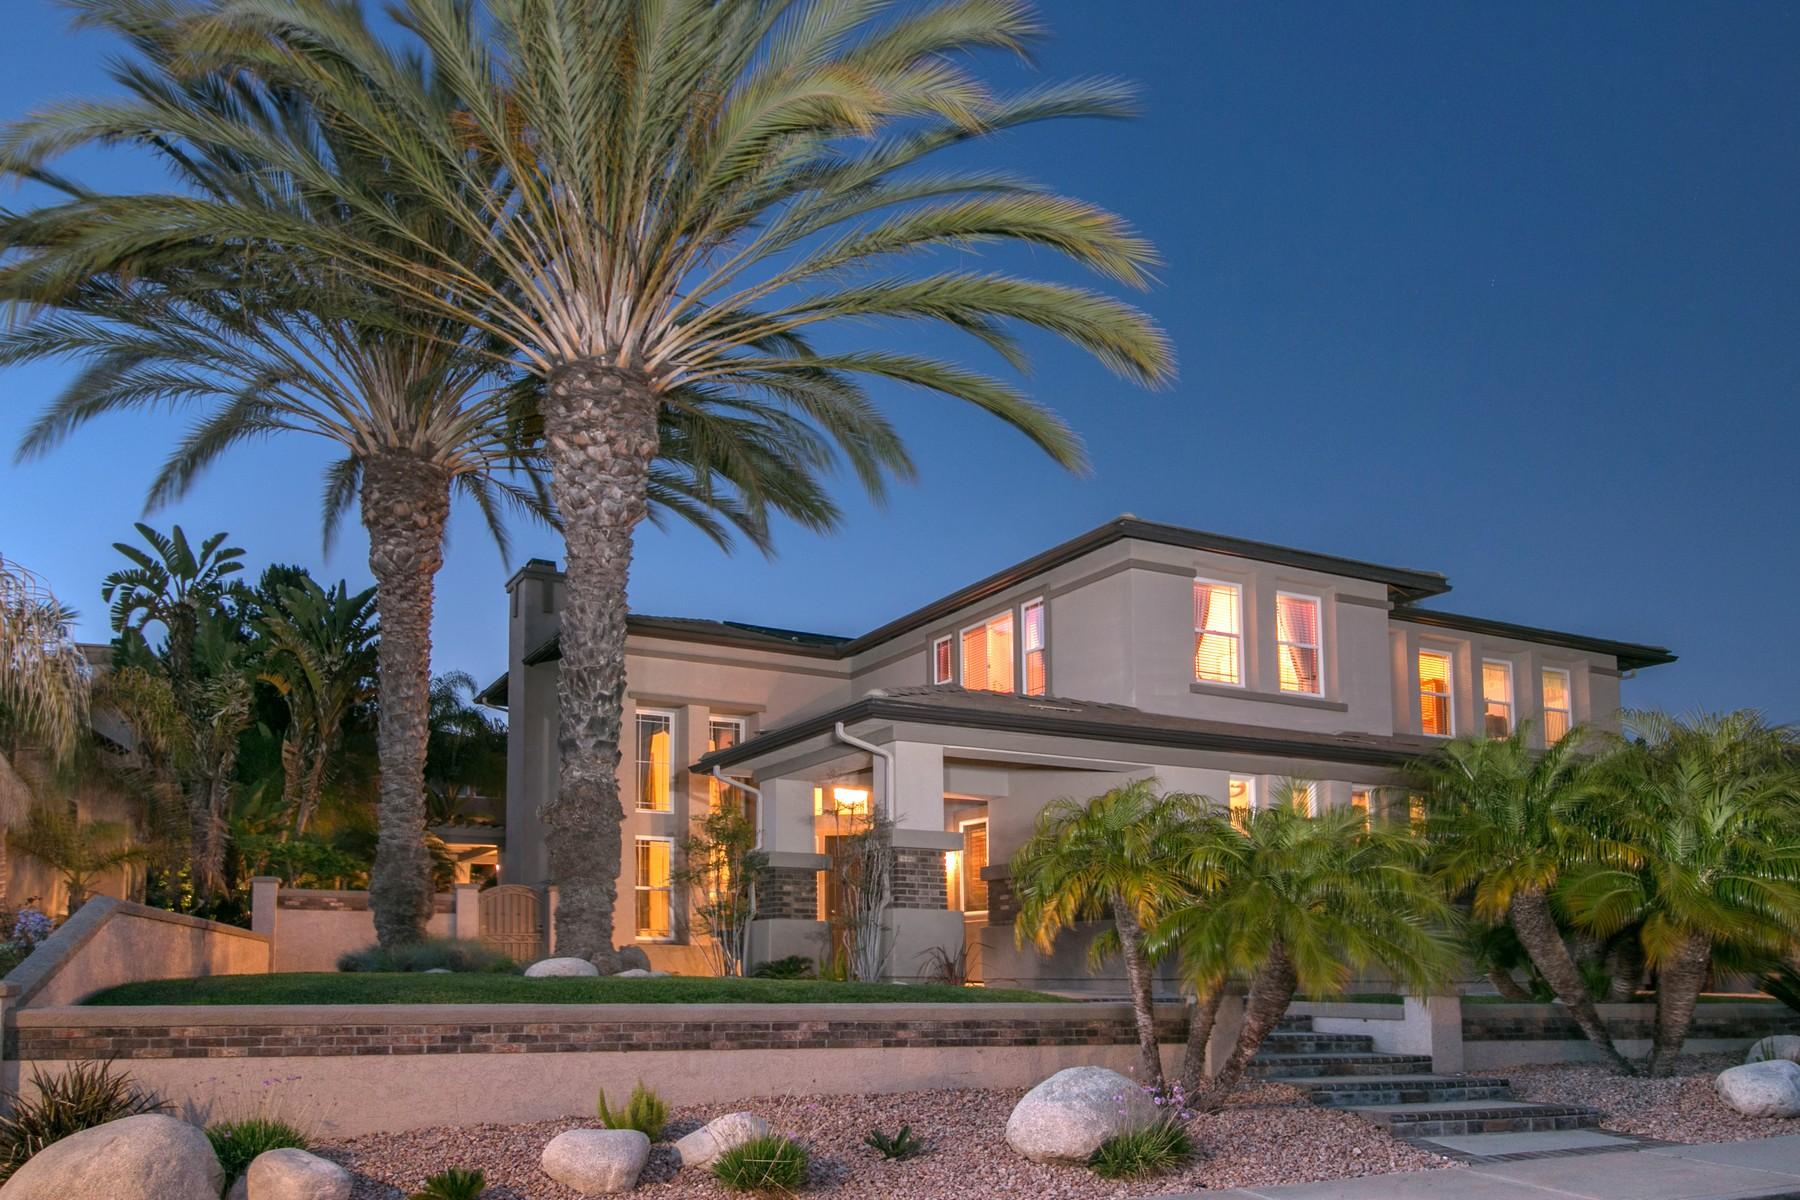 Maison unifamiliale pour l Vente à 11330 Luxembourg Way San Diego, Californie, 92131 États-Unis